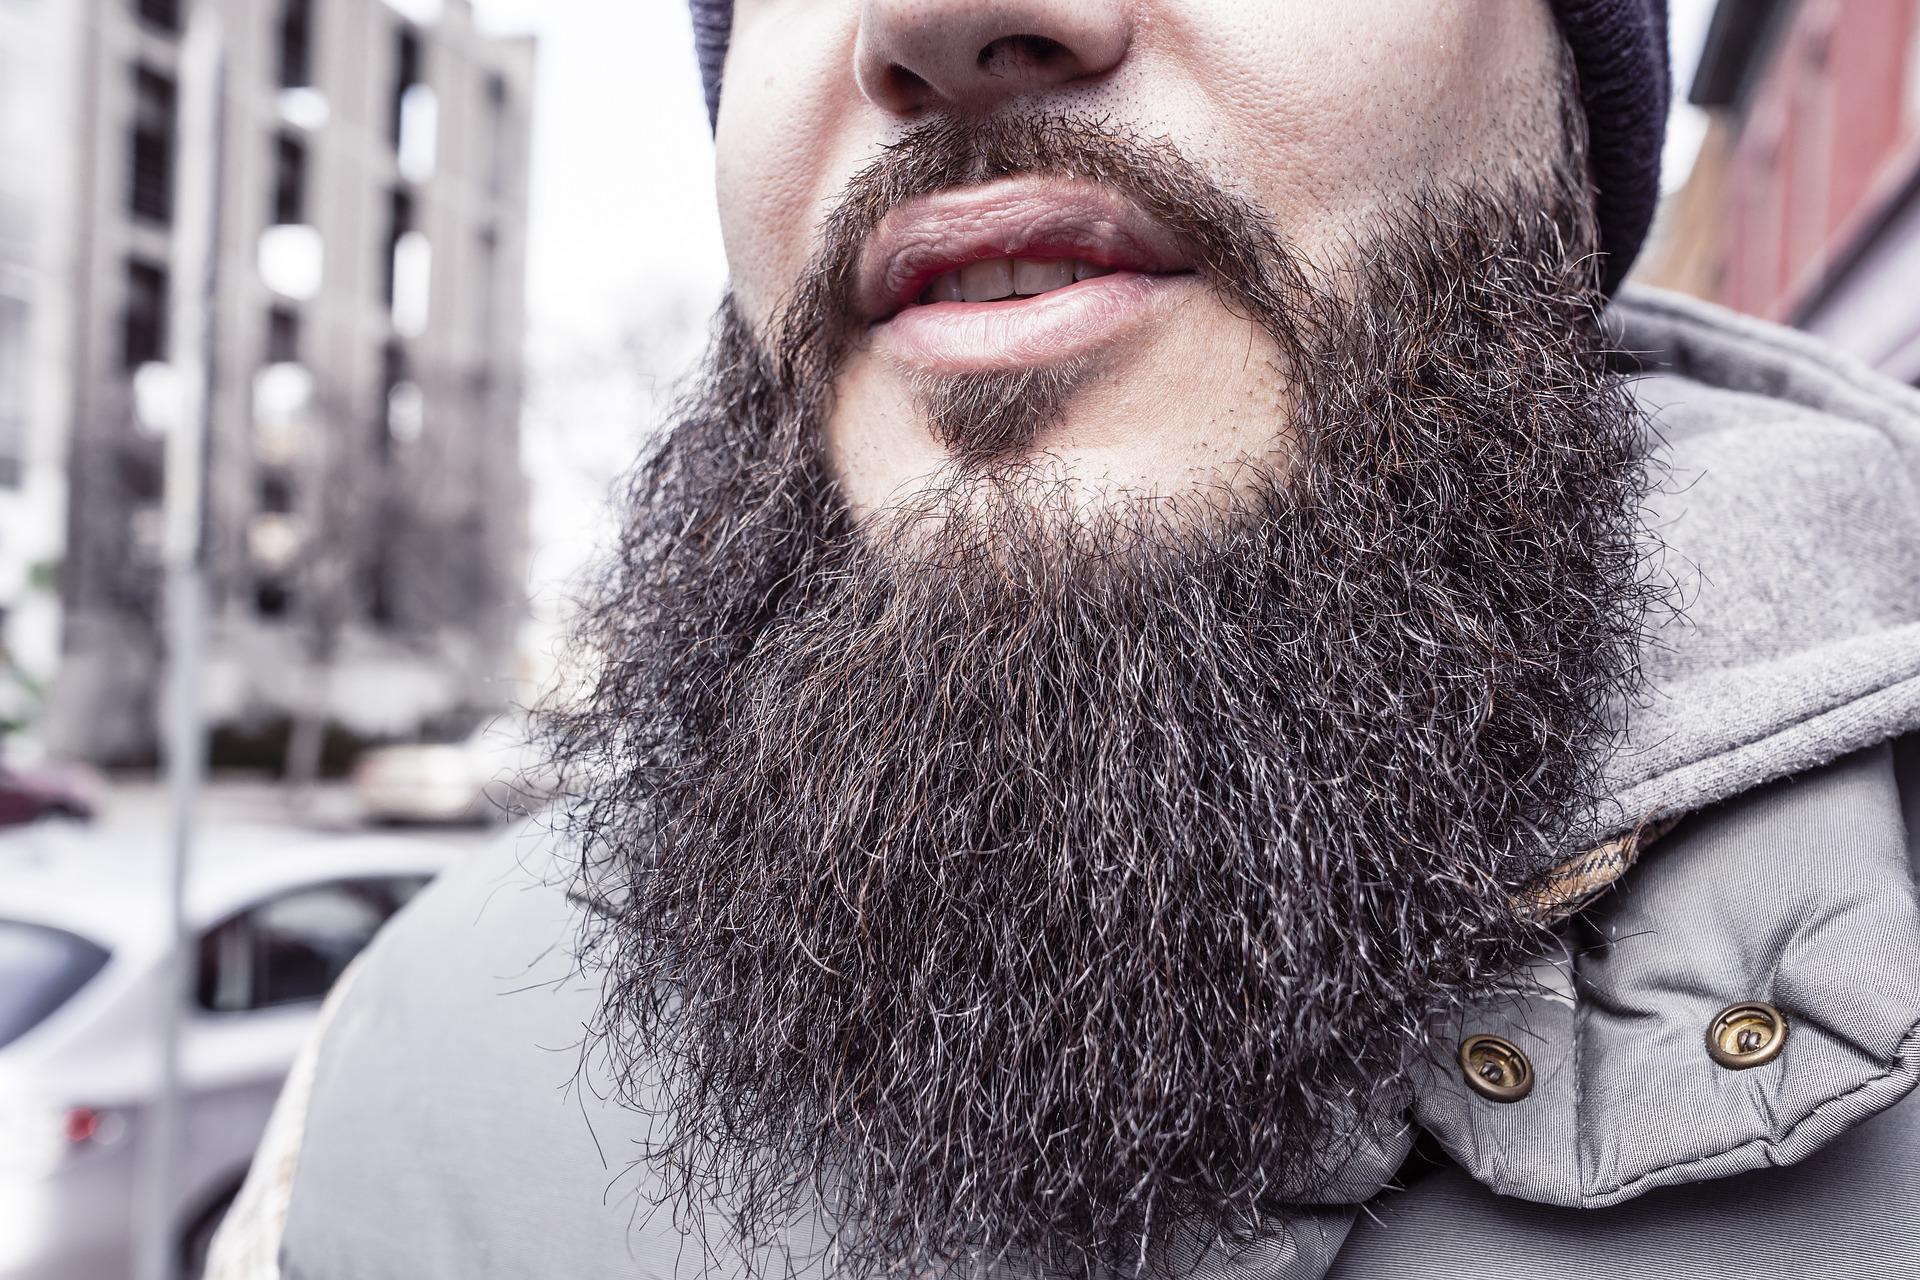 Les salariés sont-ils tenus de porter une barbe neutre ?